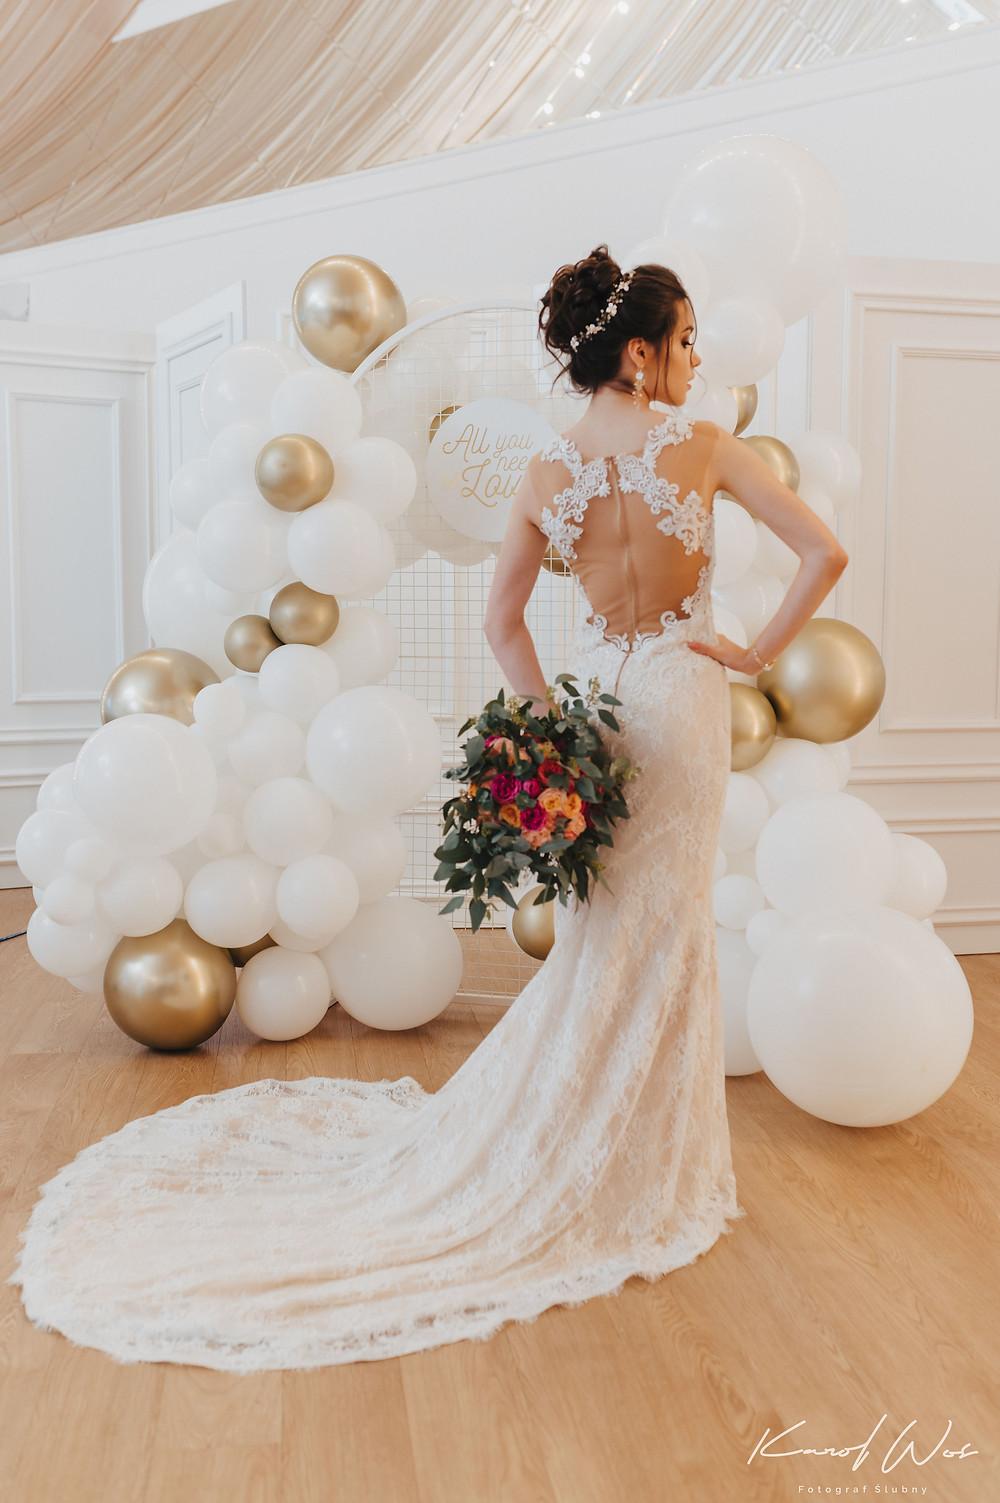 suknia ślubna, panna młoda, sukienka ślub, och balon, wesele, wesele glamour, glamour, sesja ślubna, dekoracje balonowe, balony, balony Lublin, ścianka balonowa, ścianka do zdjęć, tort weselny, słodki stół, dekoracje weselne, fotograf Lublin, Rezydencja w Szczerym Polu, wesele Lublin, wesele Lubelskie